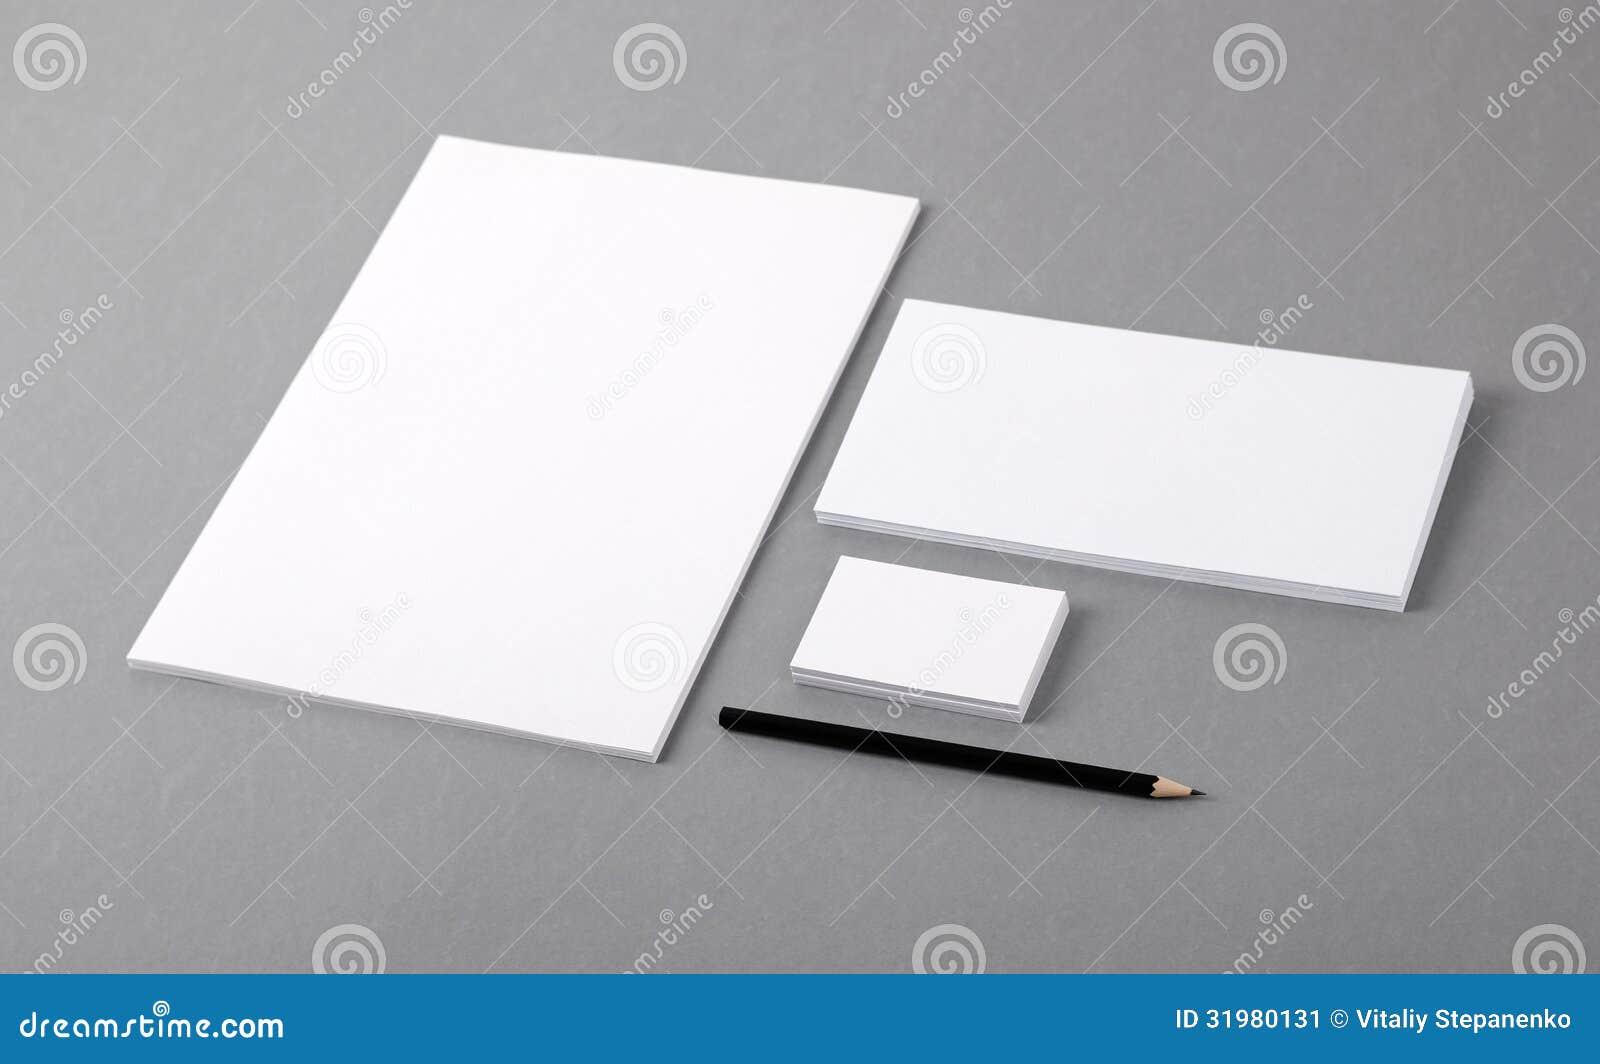 Blank basic stationery letterhead flat business card envelope letterhead flat business card envelope stock image image reheart Choice Image